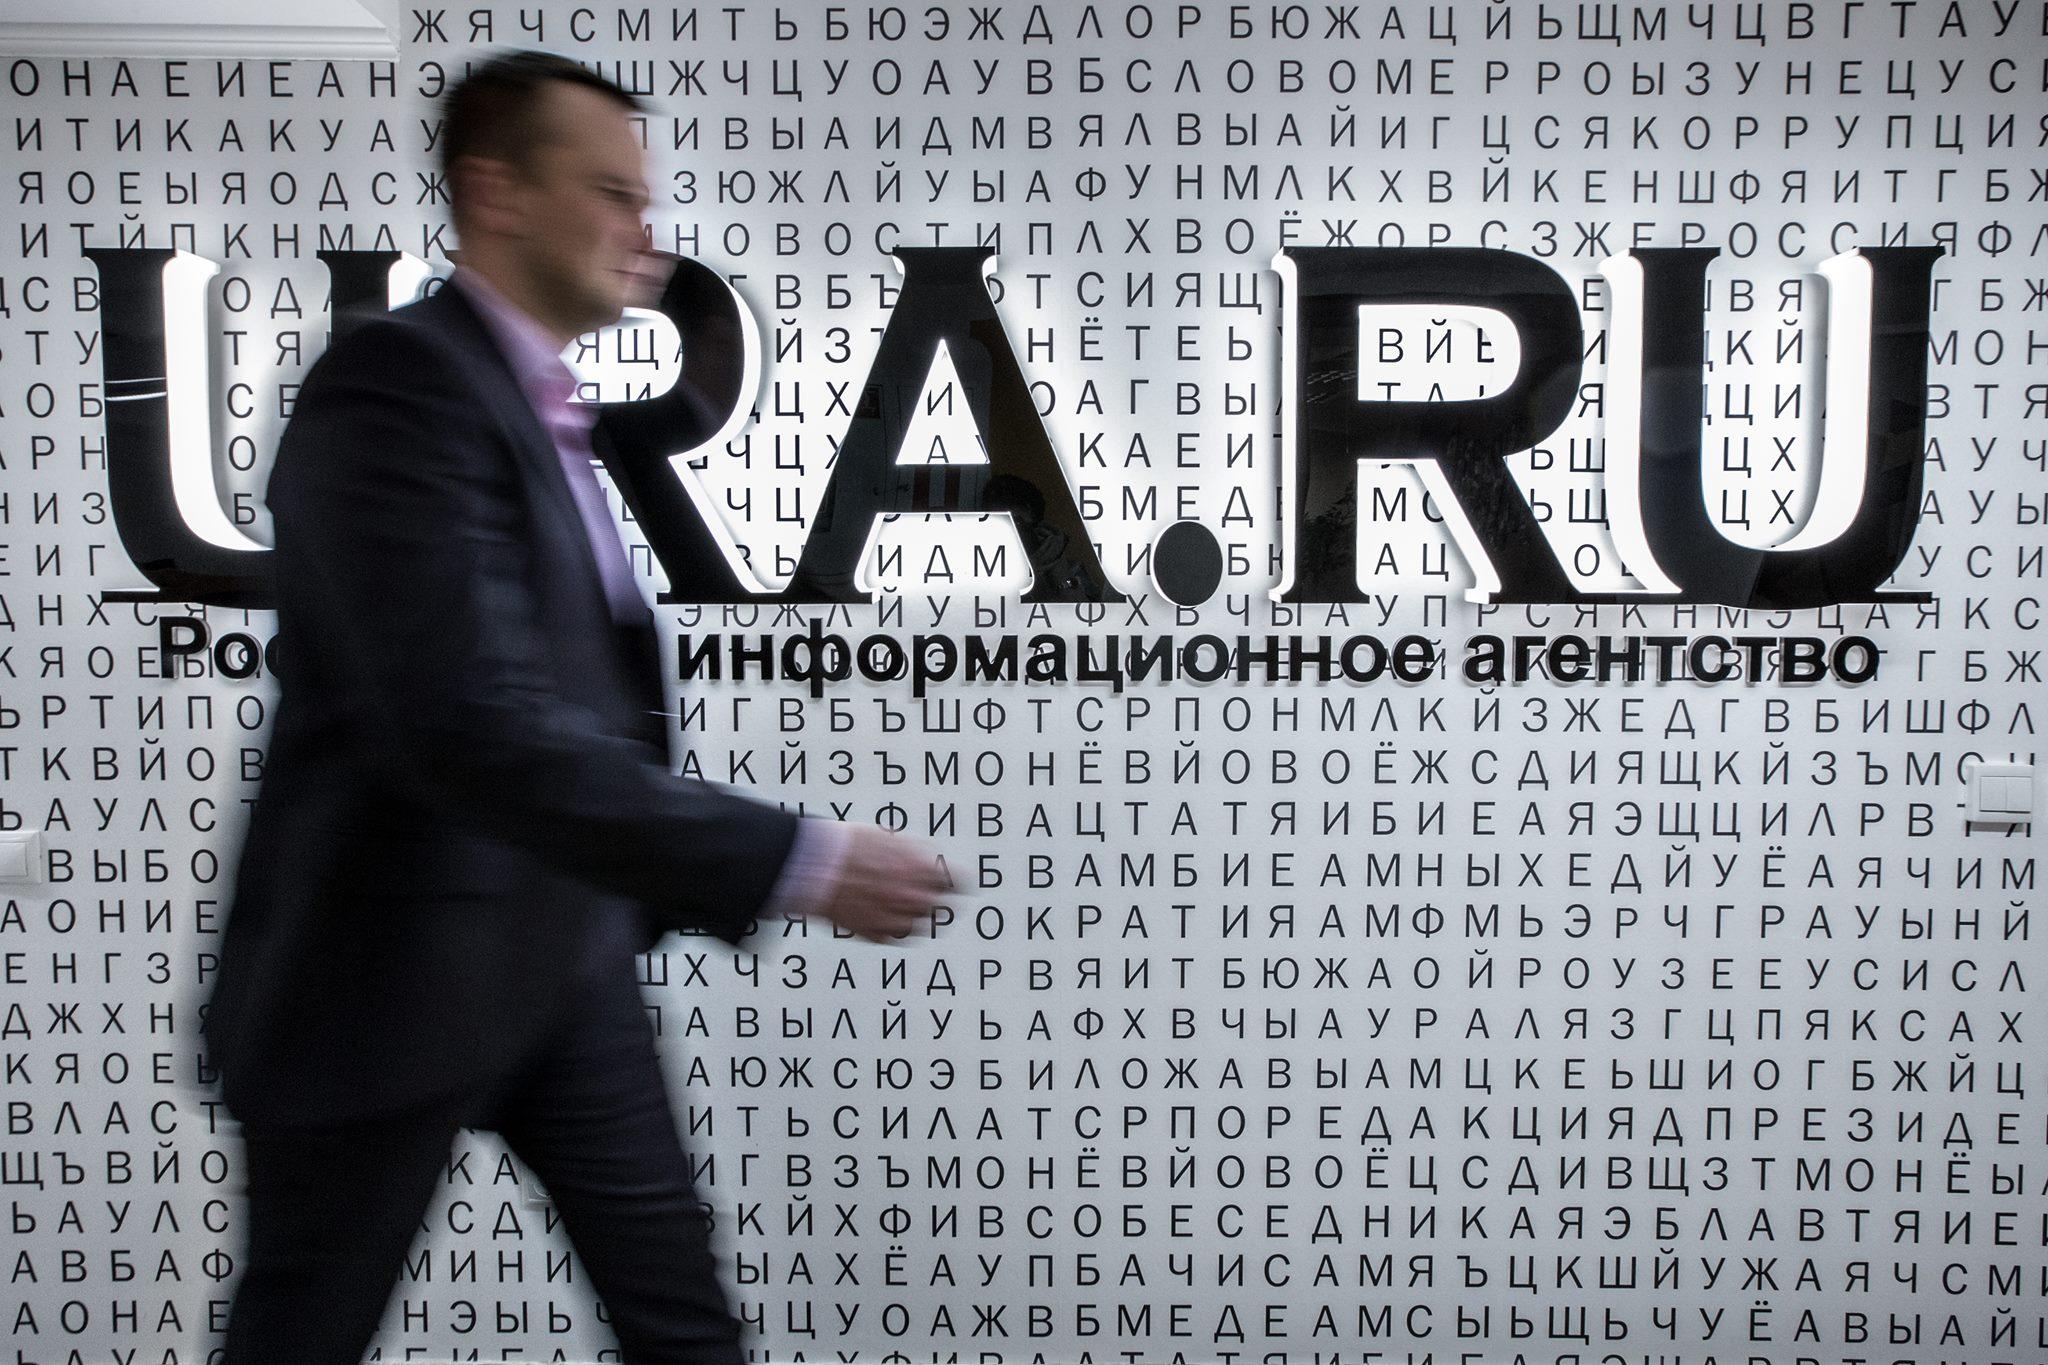 Алексей Бобров: URA.RU всегда было убыточным — мы его закроем. Или сменим формат